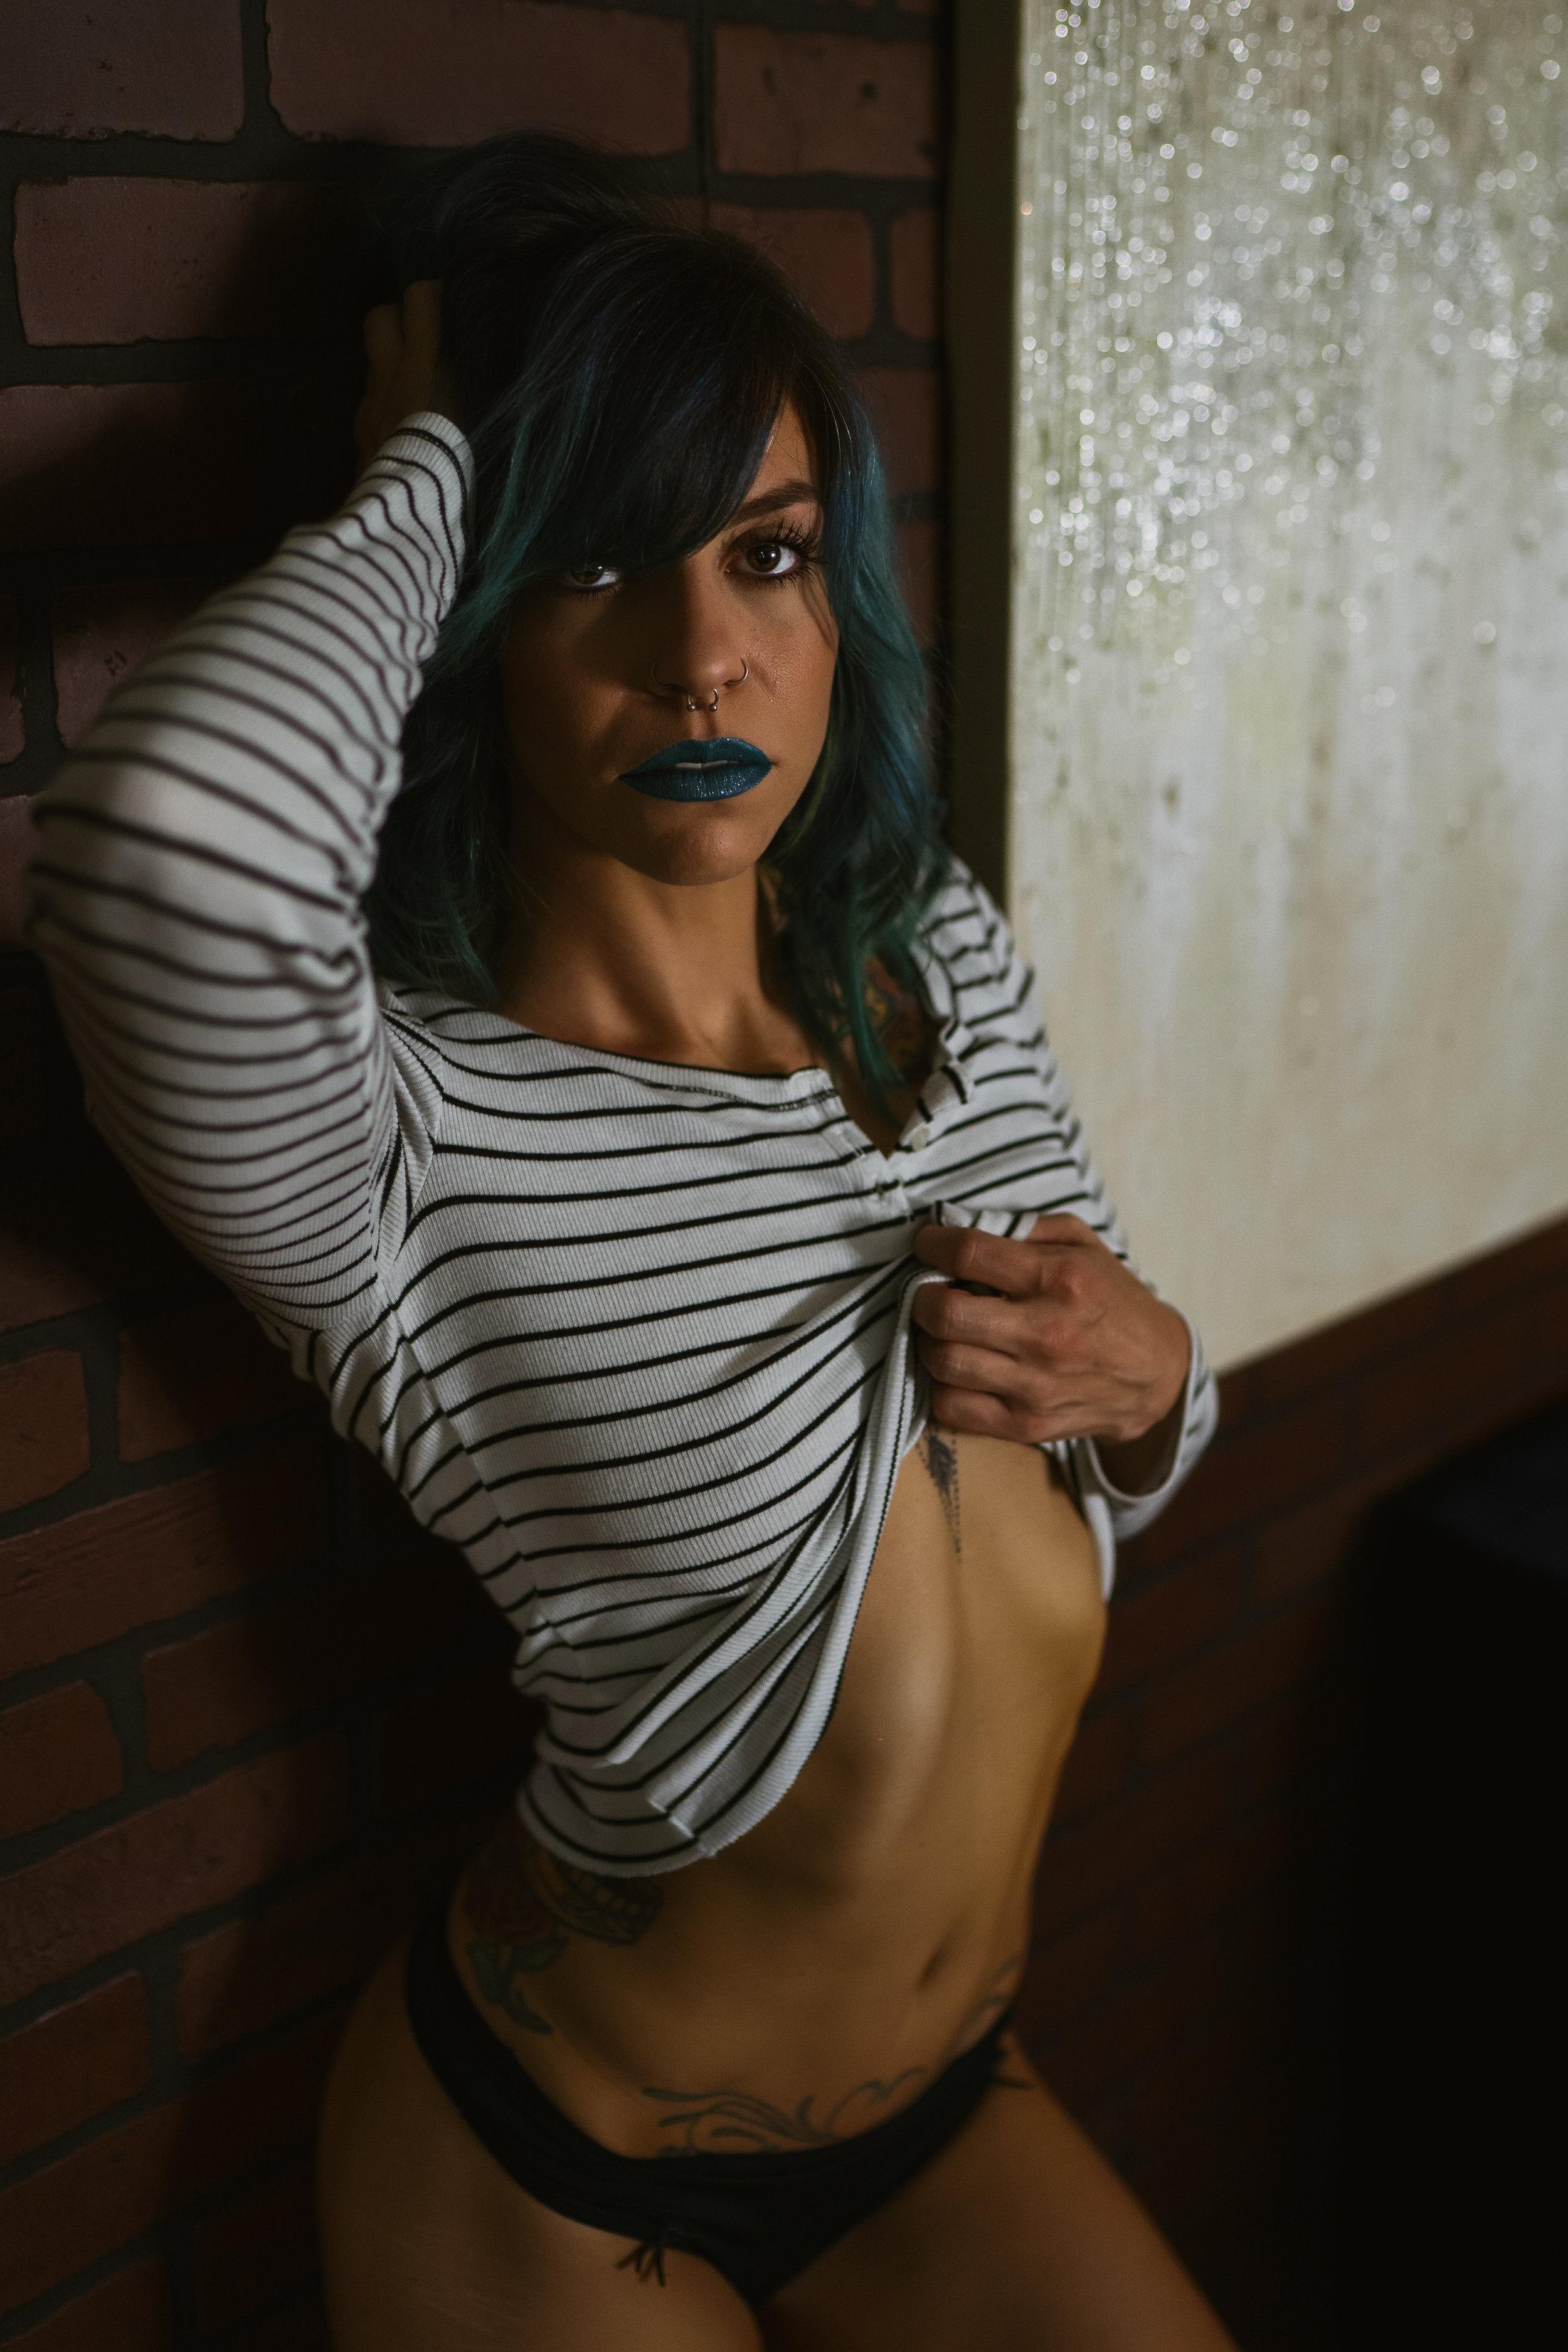 Dallas boudoir photographer